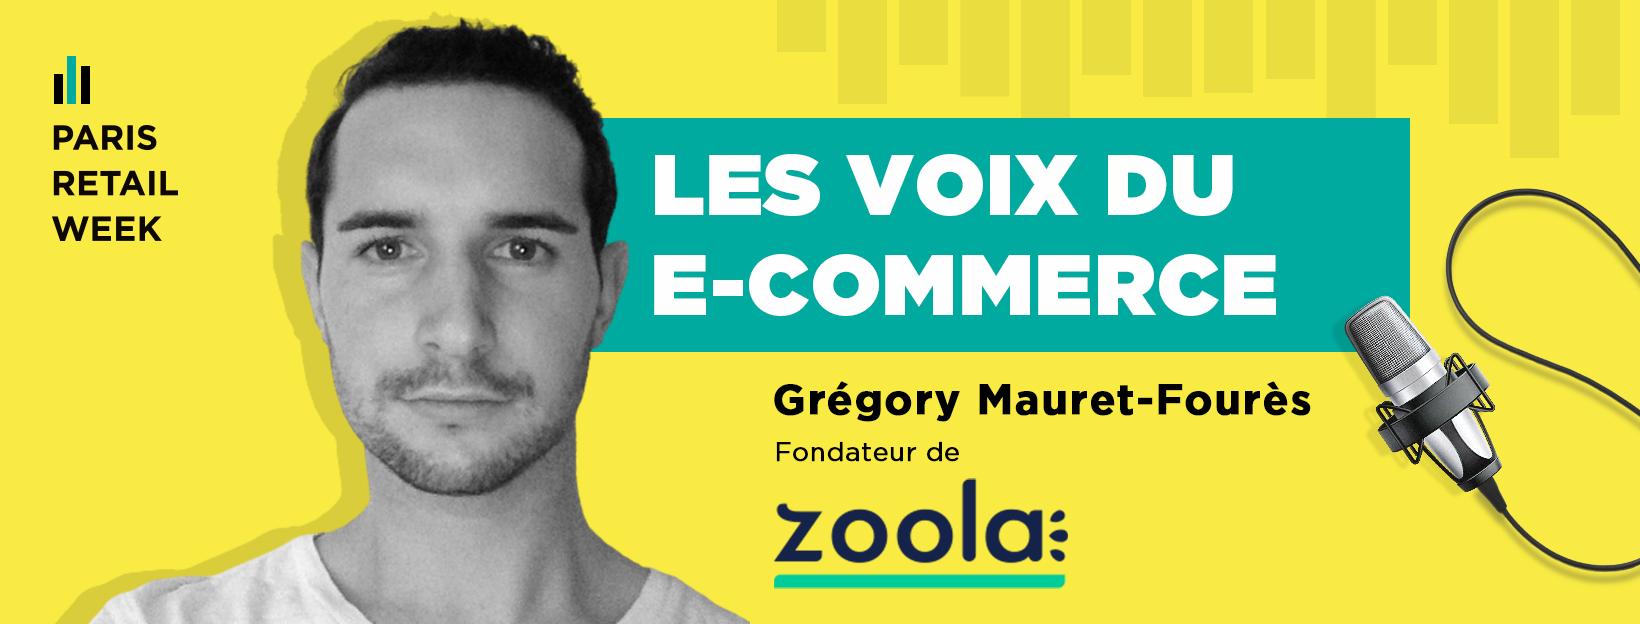 Podcast Grégory Mauret-Fourès - ZOOLA